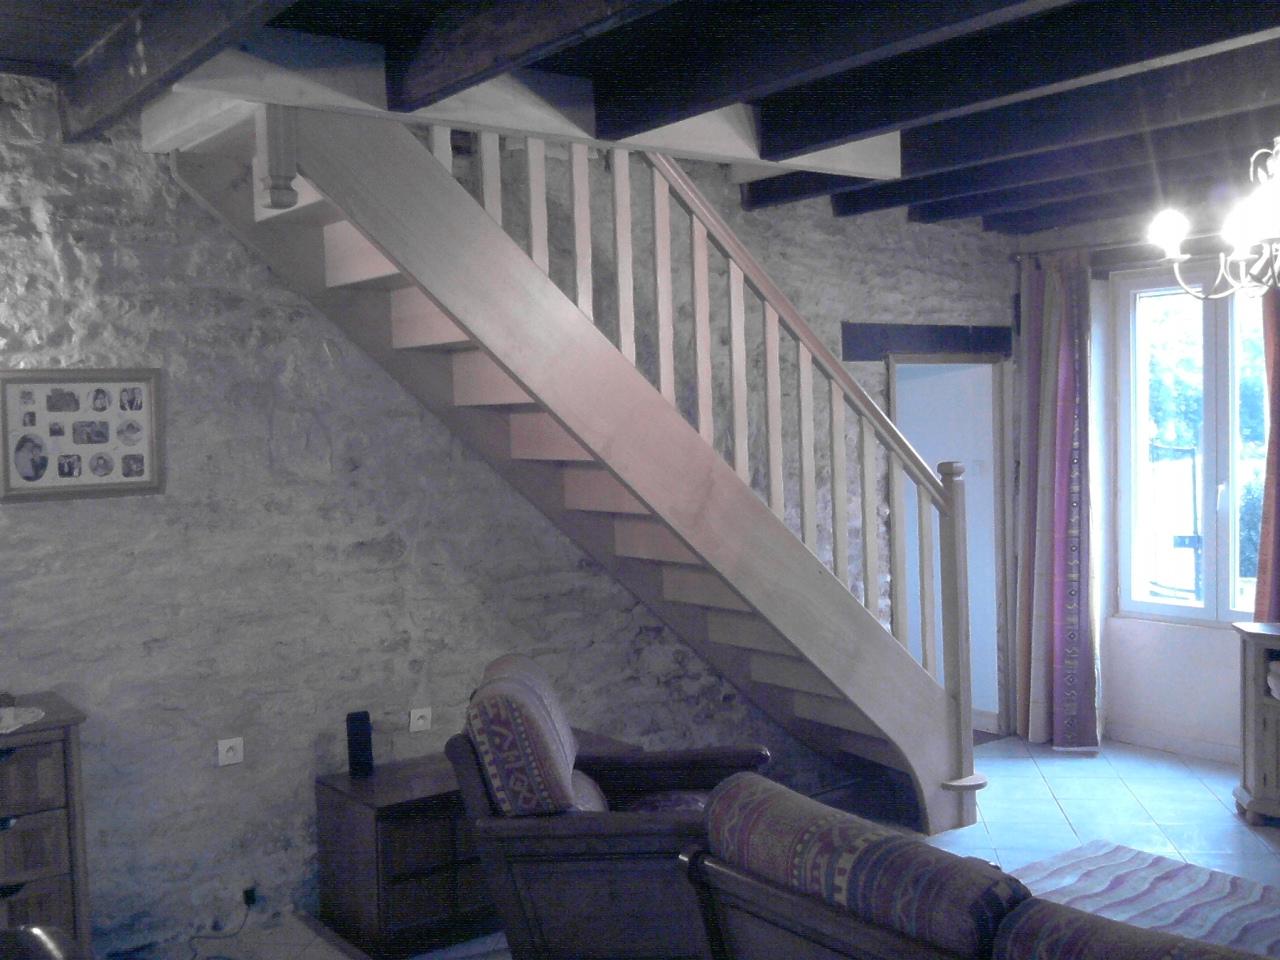 Artisan fabricant d 39 escalier droit fma menuiserie 79120 for Taille tremie escalier droit